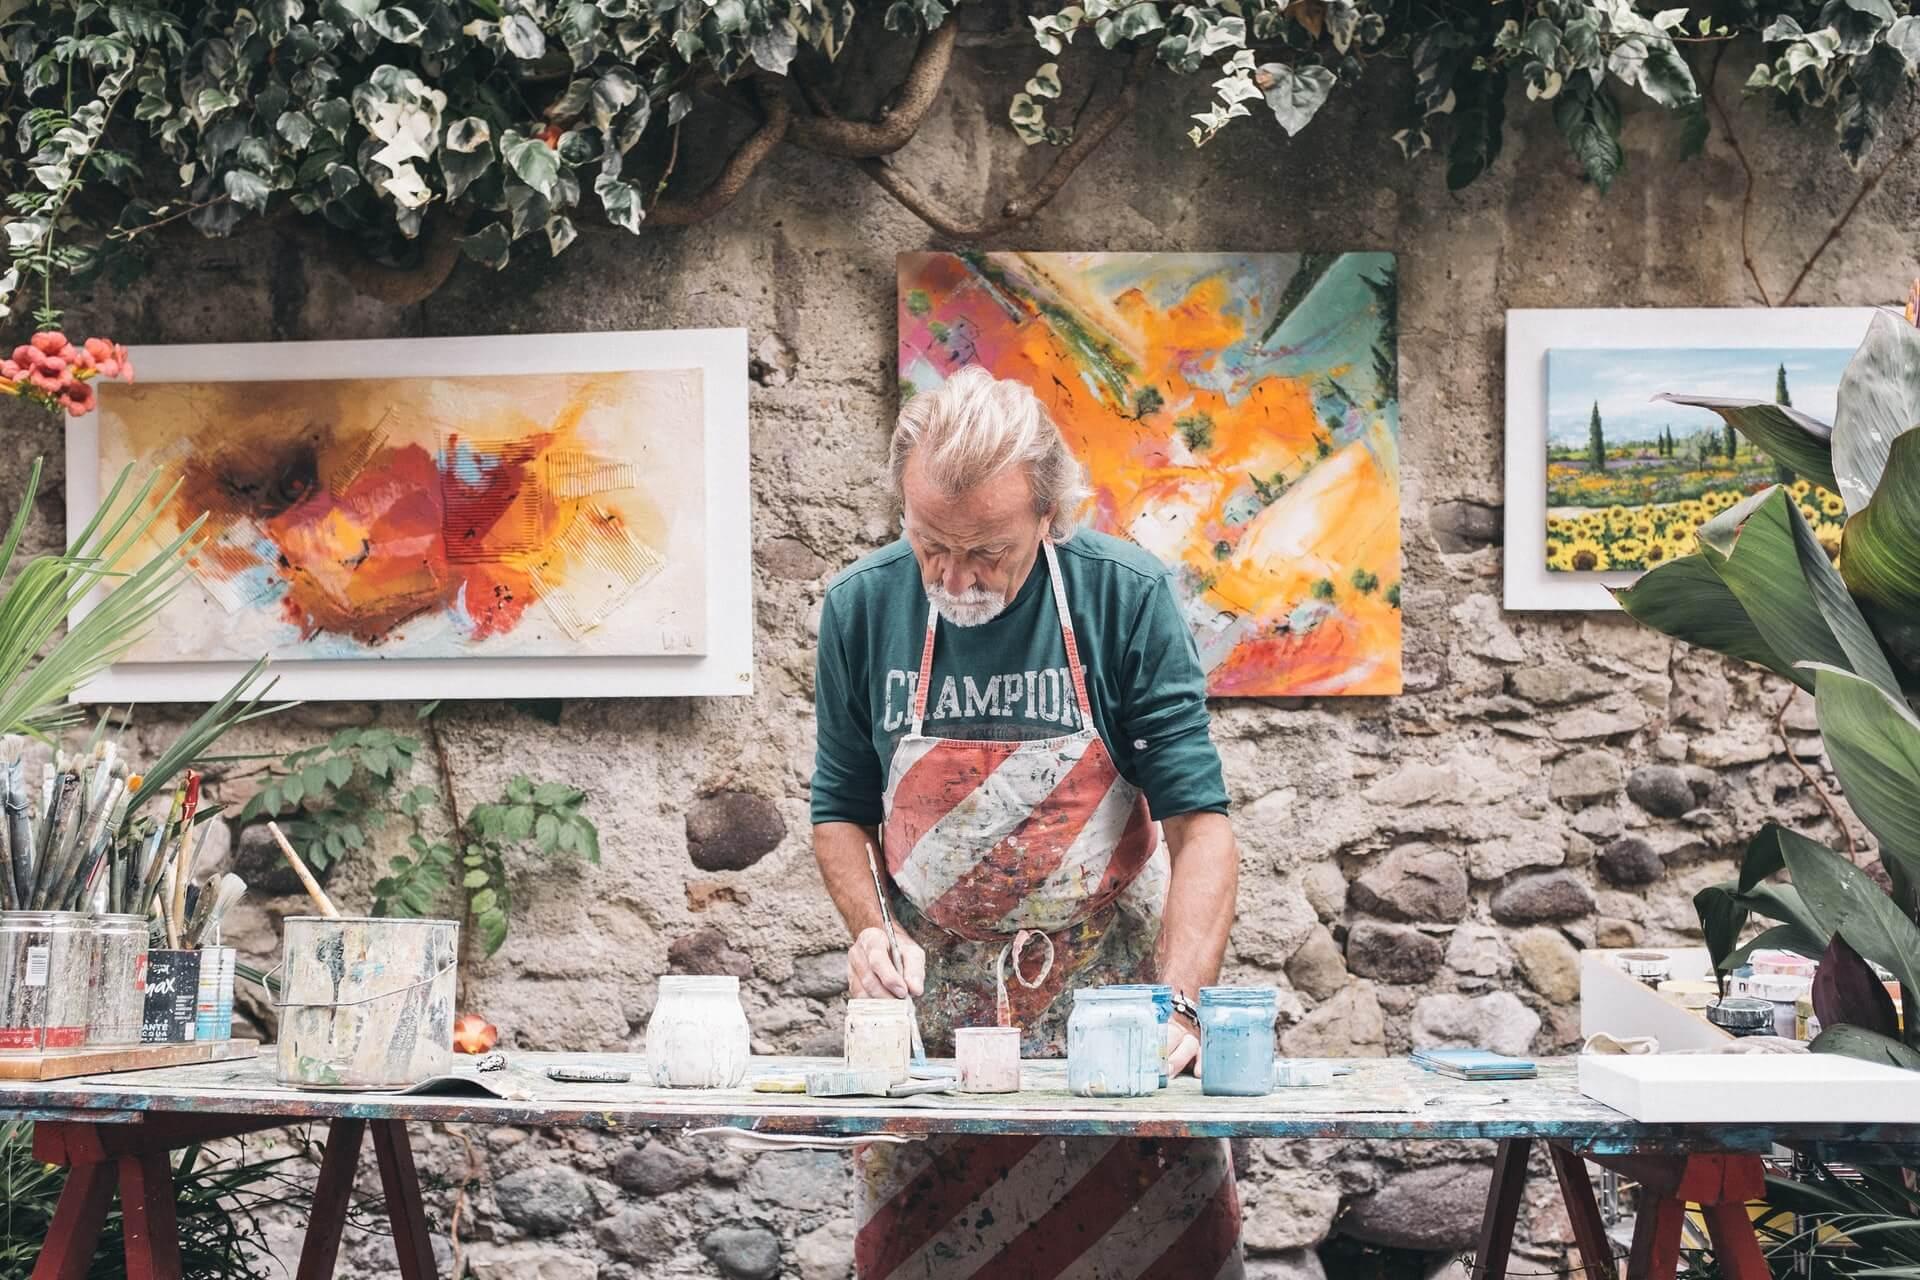 schilder aan het werk in zijn atelier